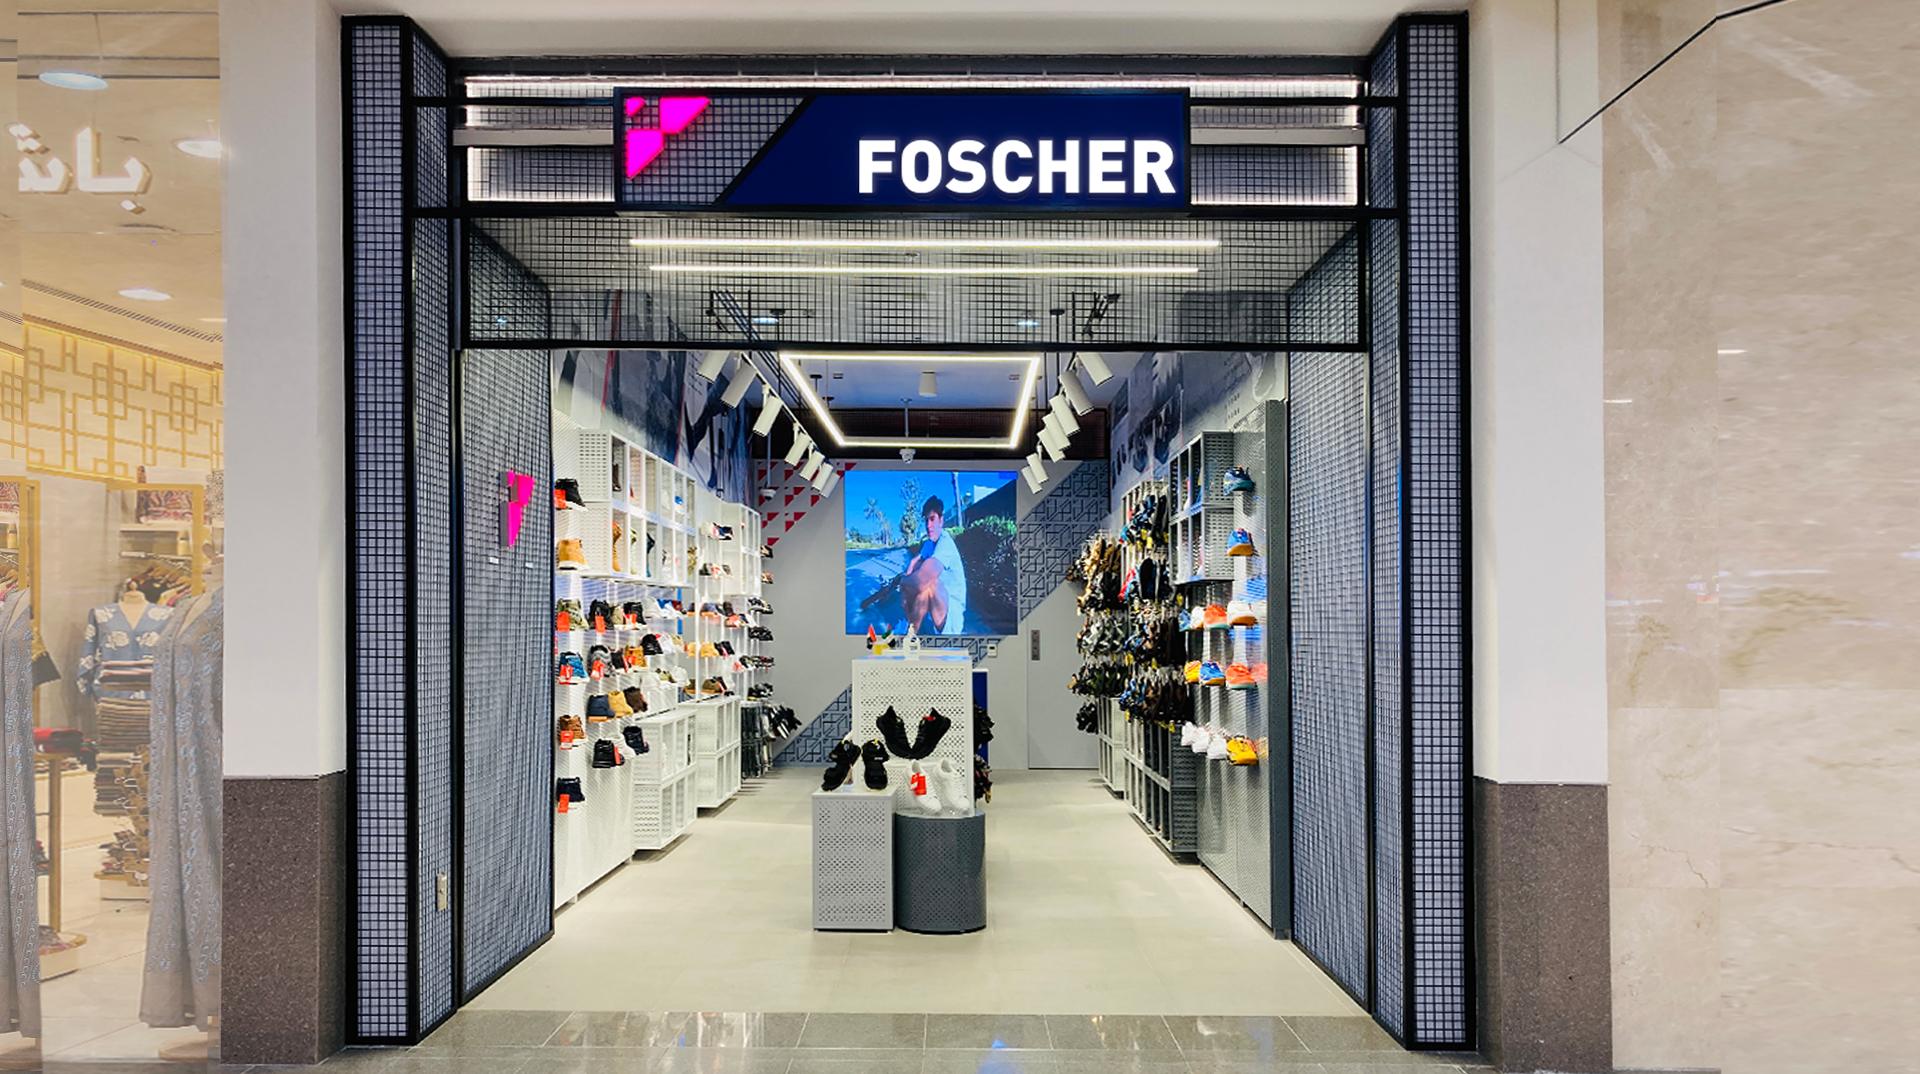 Foscher store